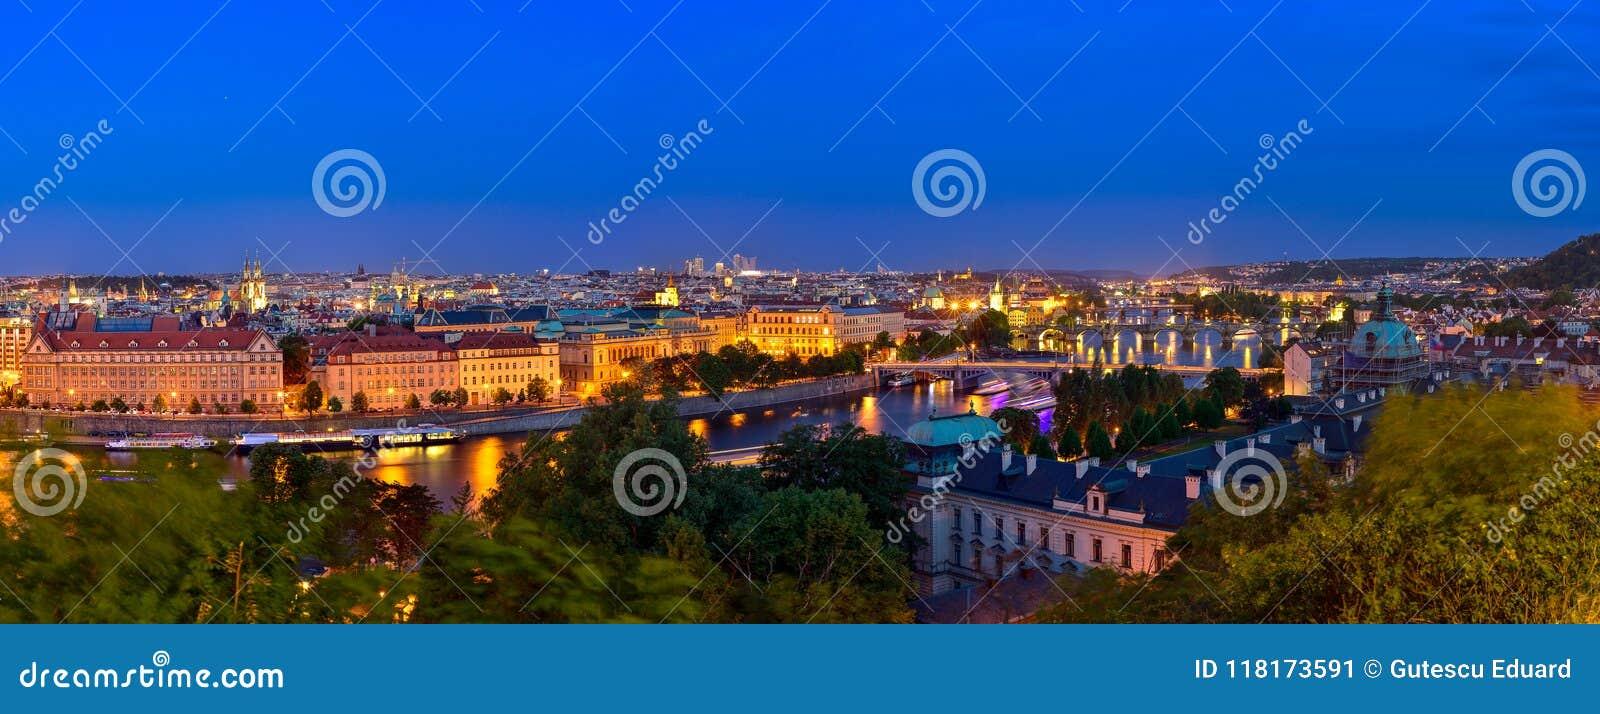 Prag an der blauen Stunde im Abendpanorama mit Stadtlicht